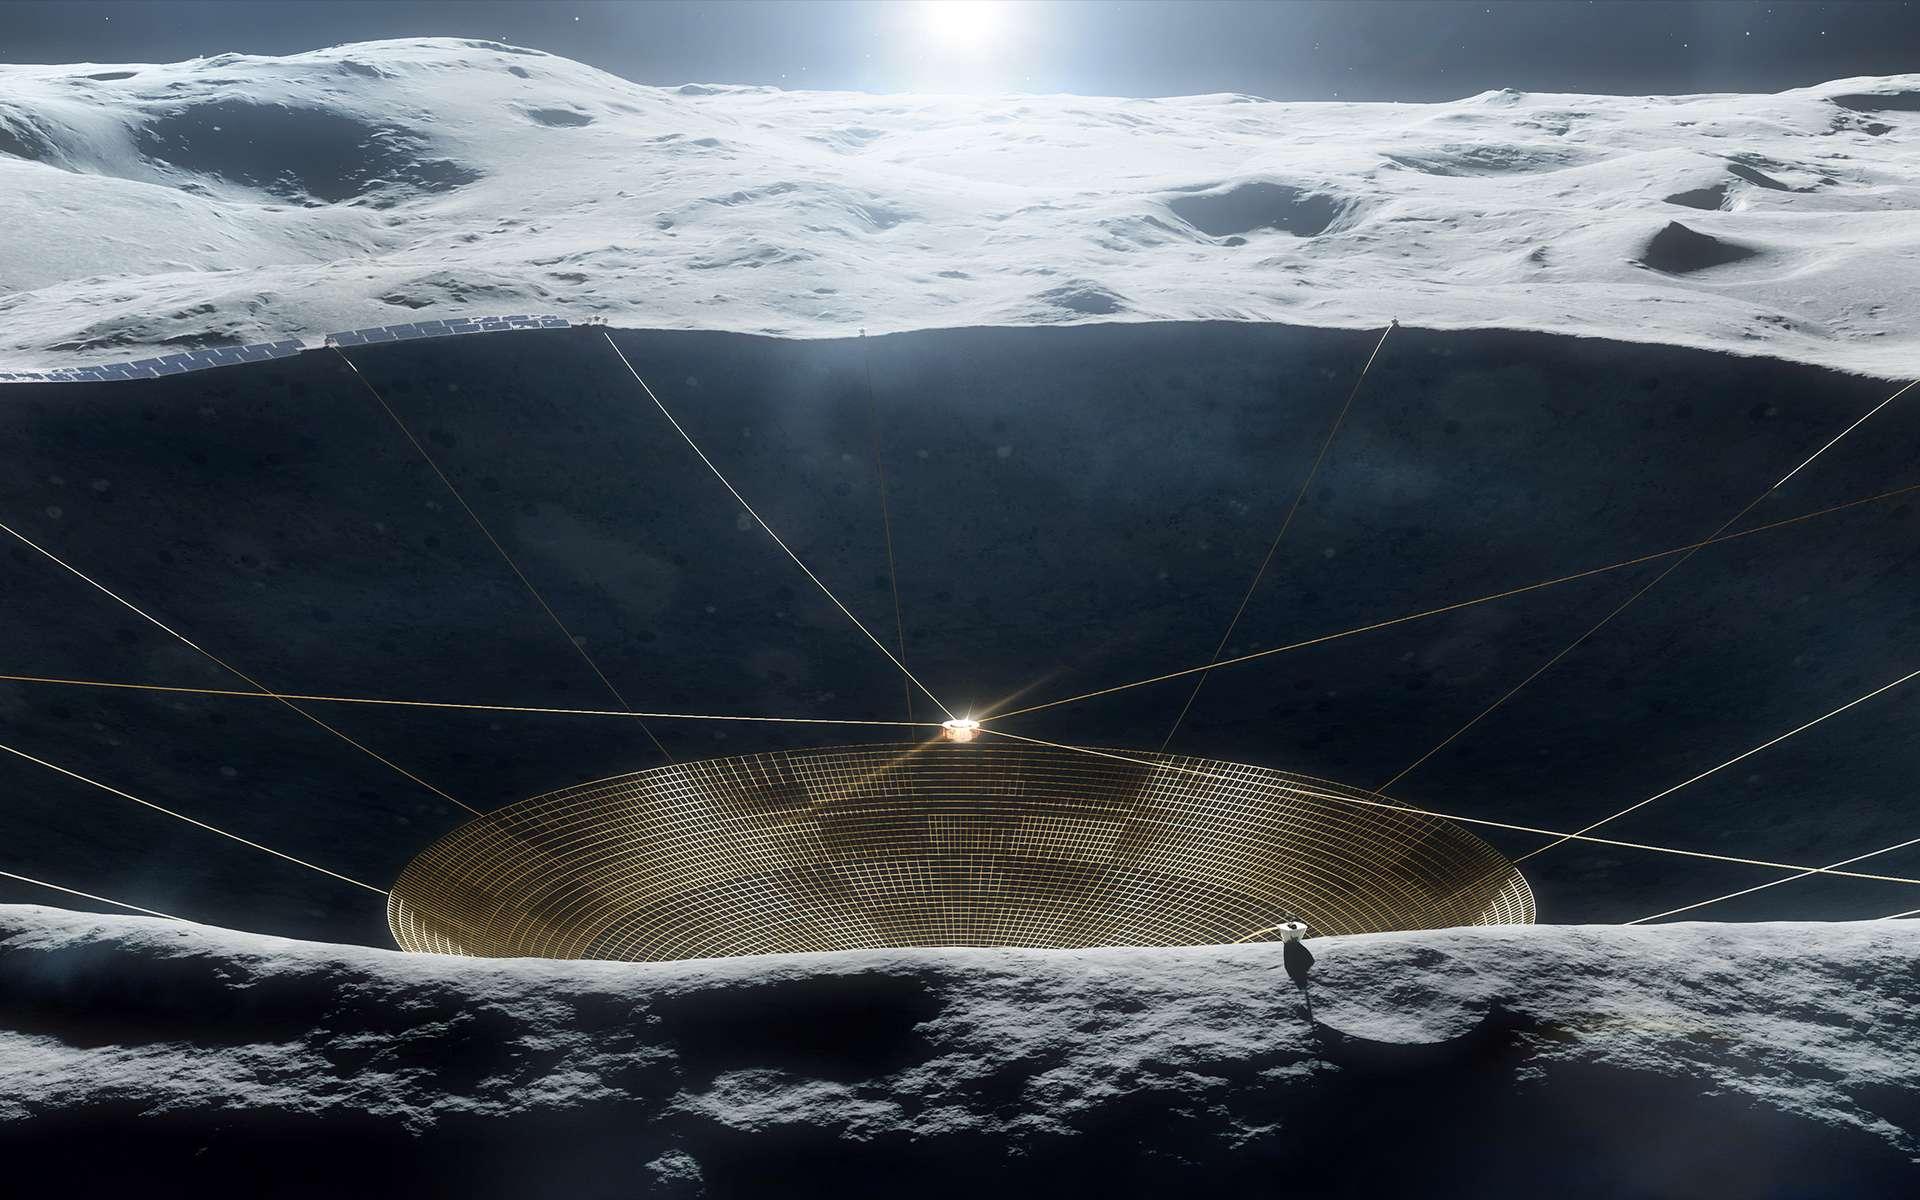 Concept d'un radiotélescope installé dans un cratère lunaire. © Vladimir Vustyansky